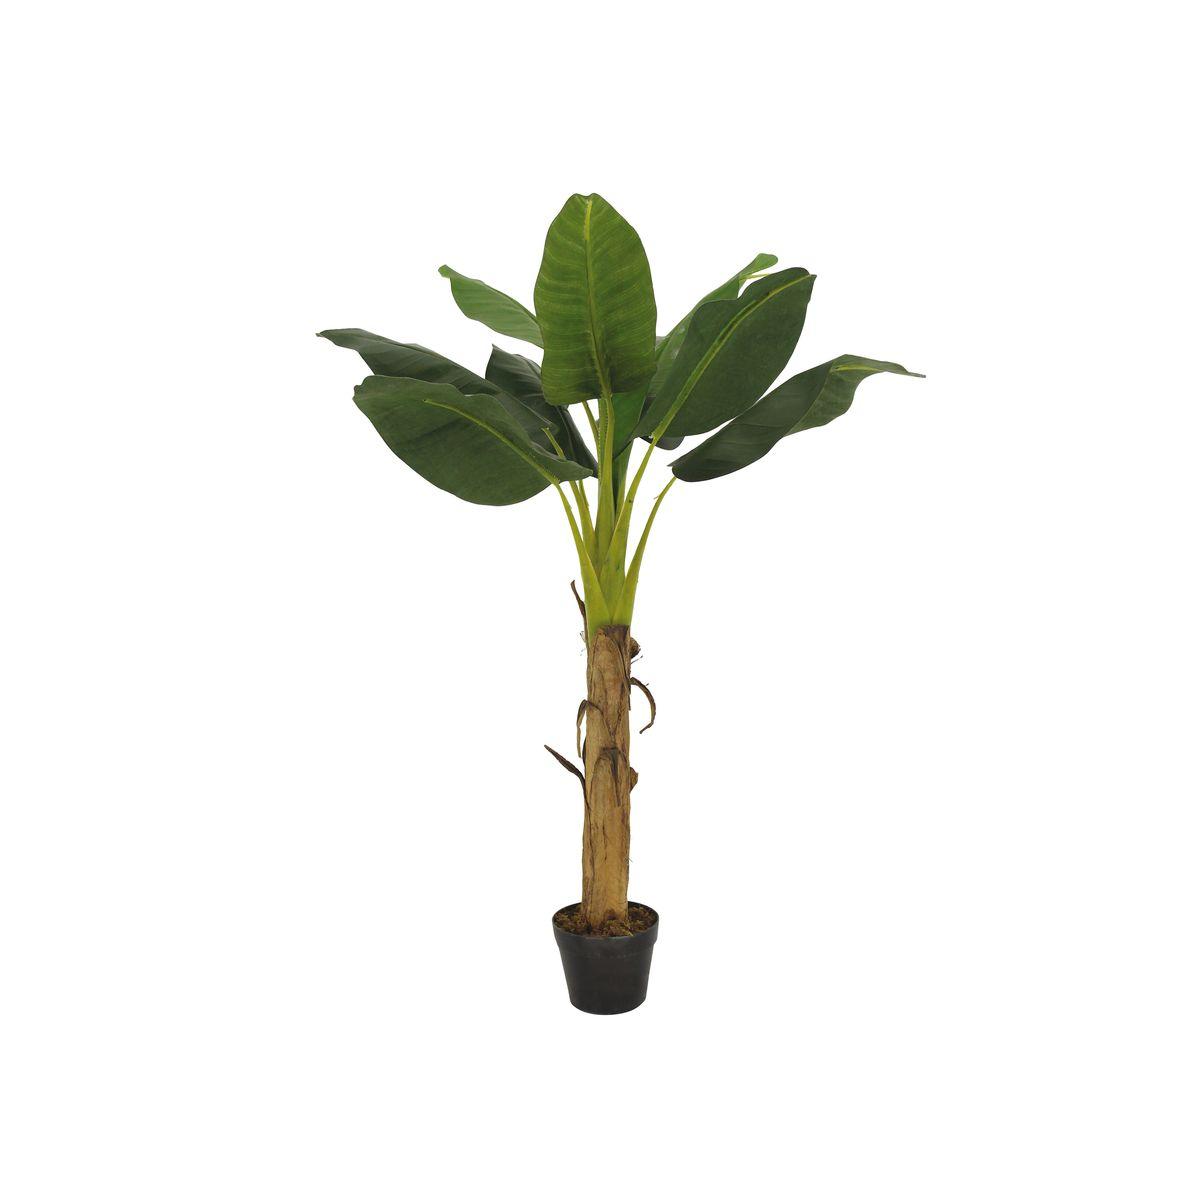 Bananier artificiel esprit végétal petit modèle 128cm